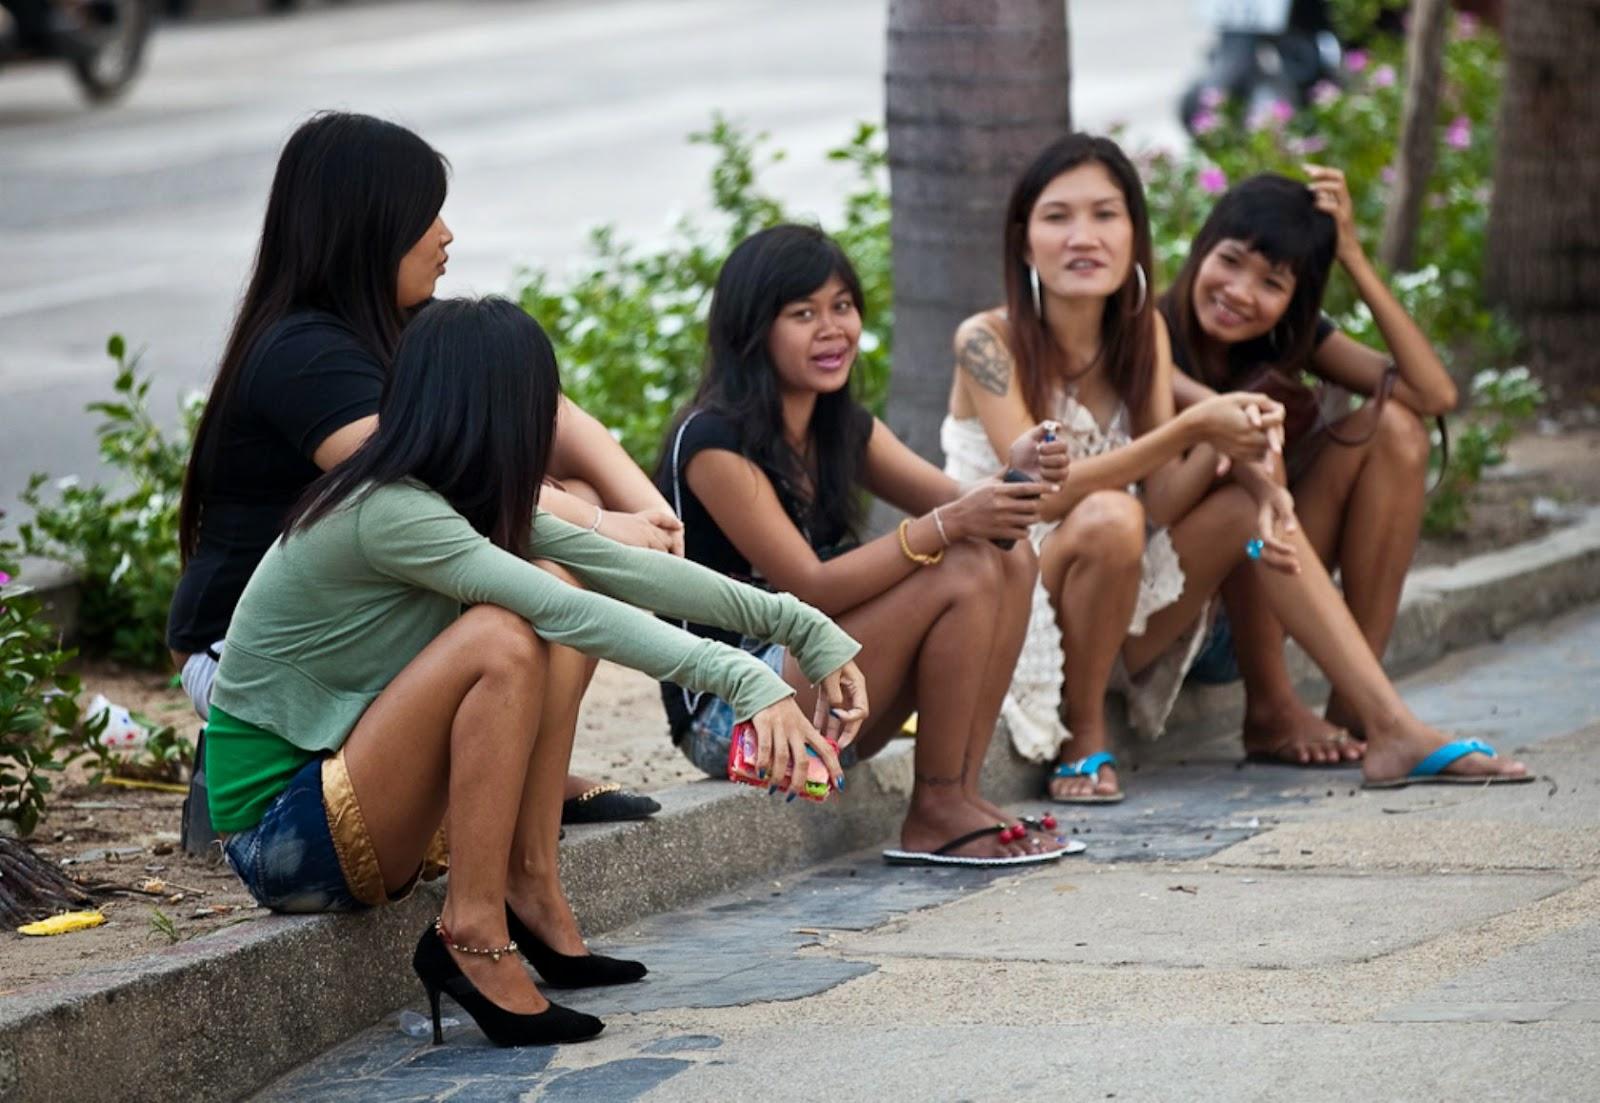 prostitutas reales ropa para prostitutas